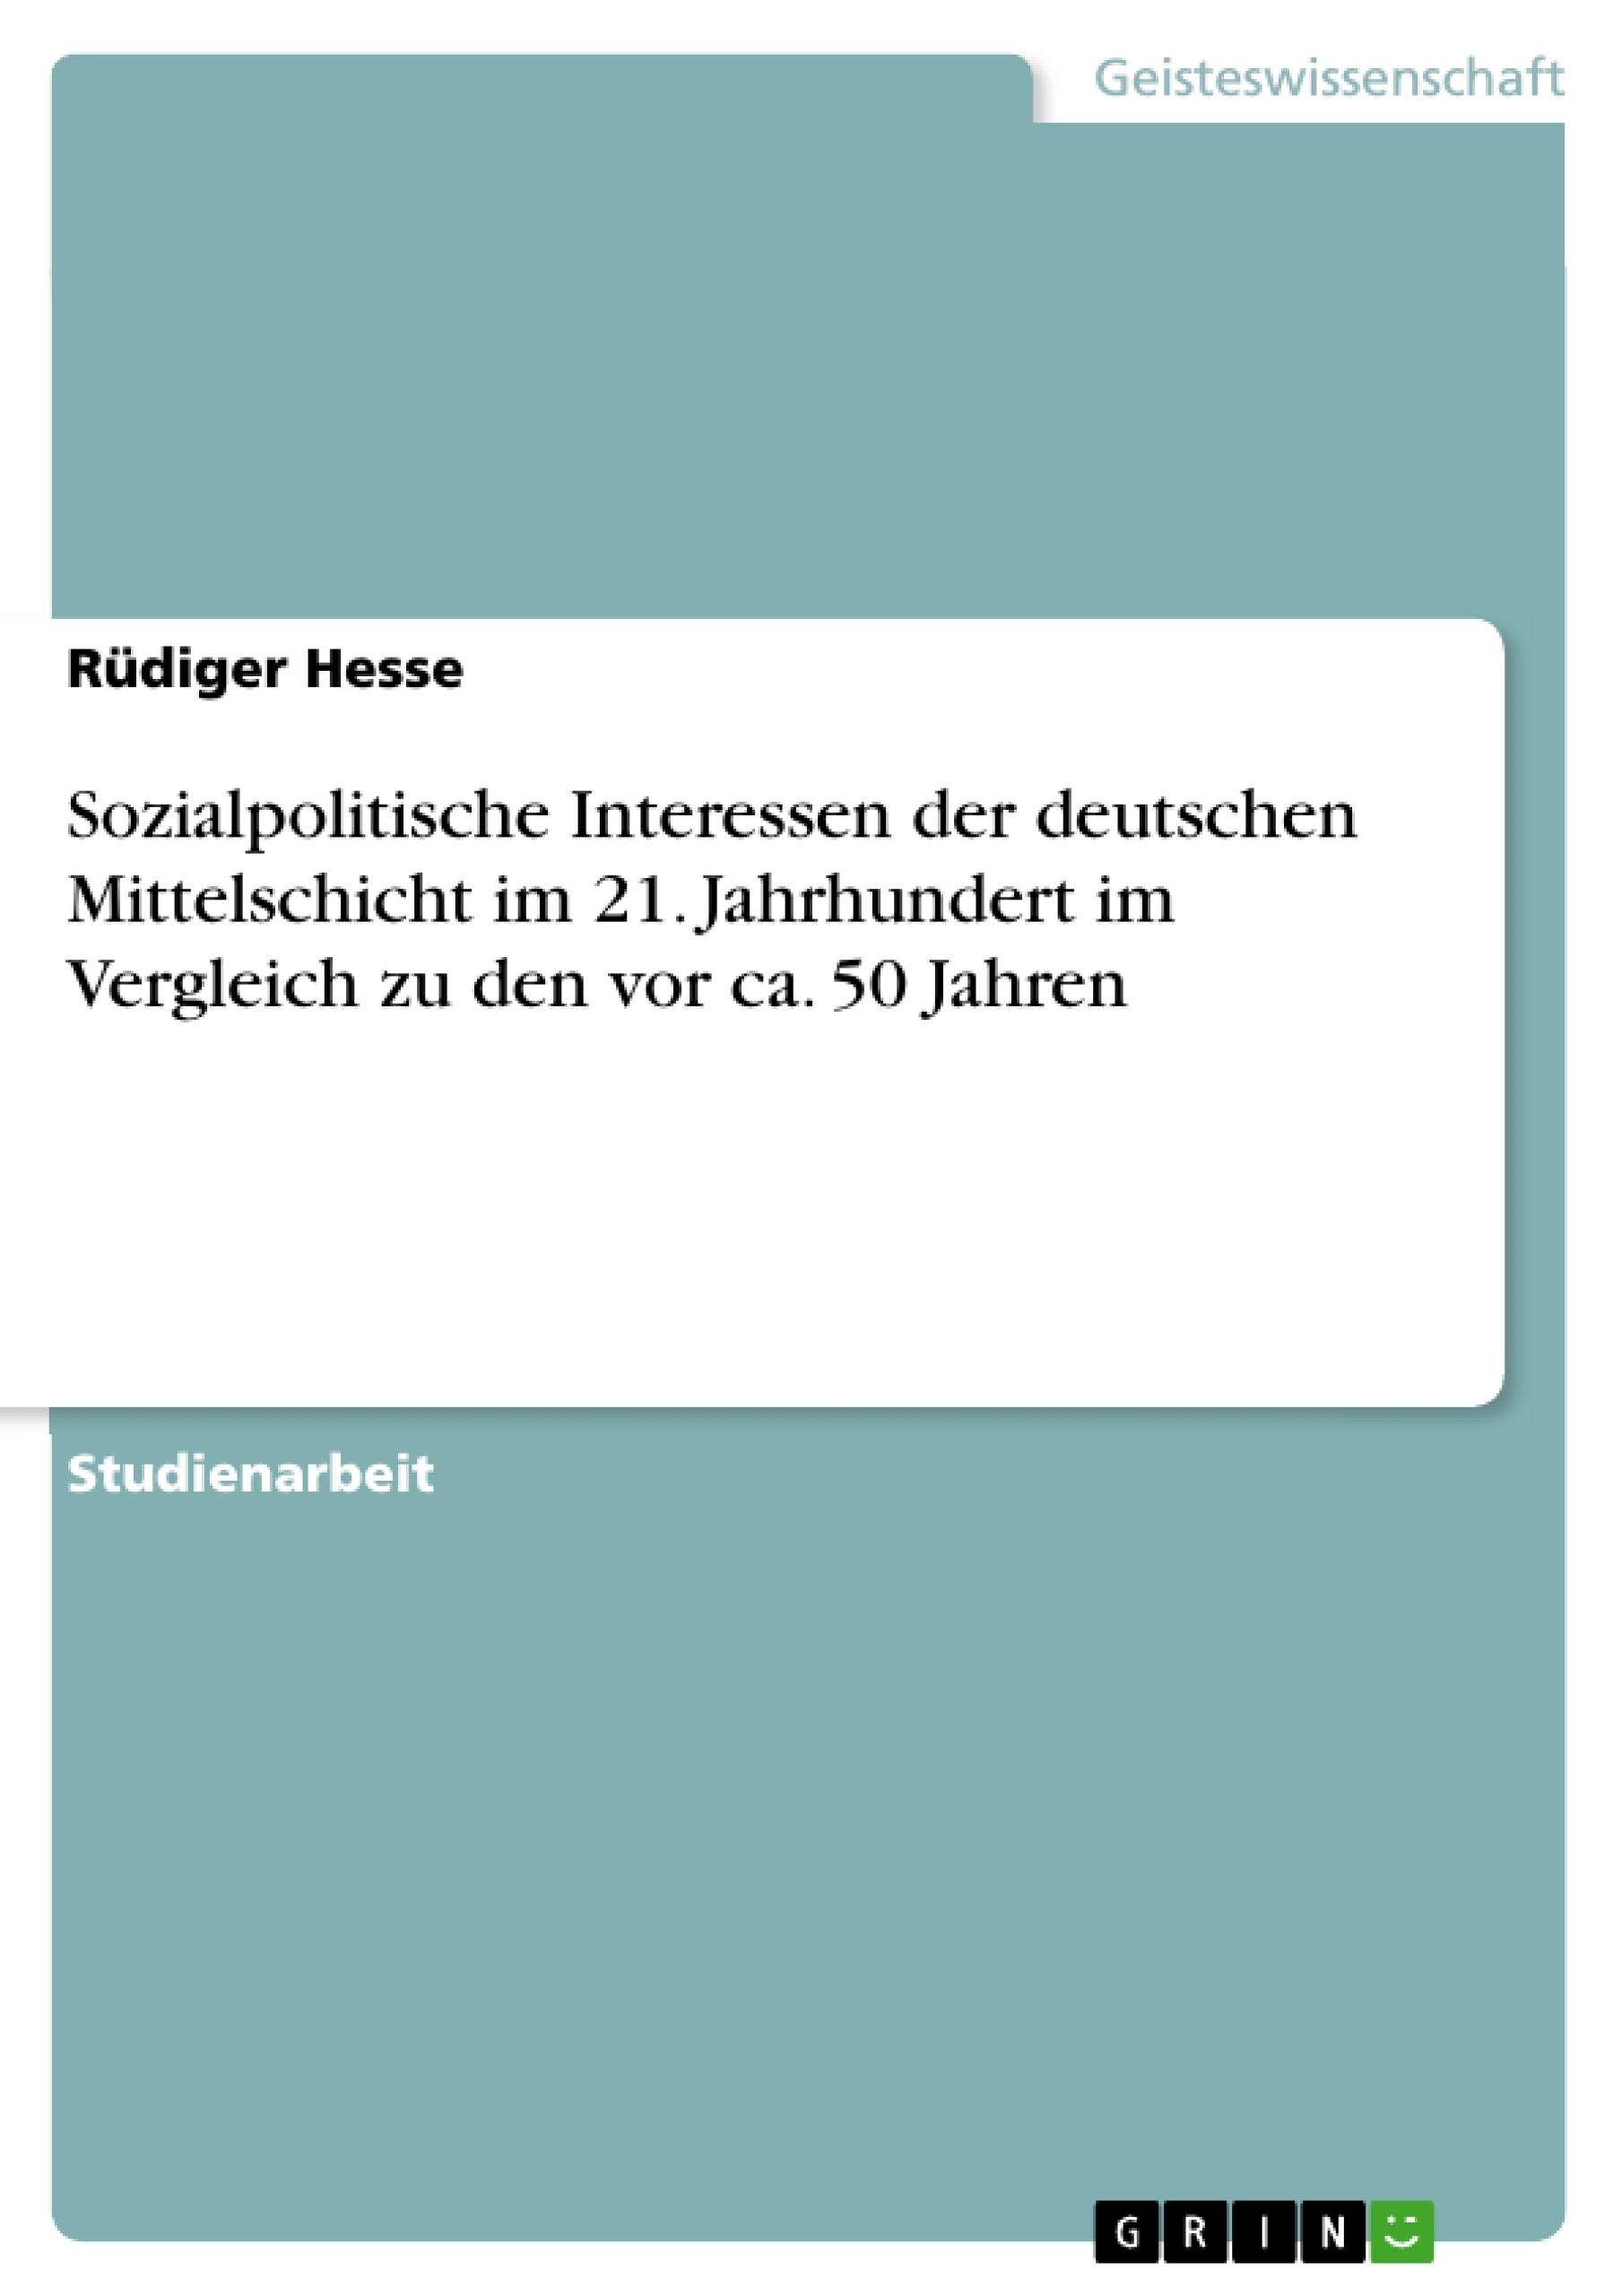 Titel: Sozialpolitische Interessen der deutschen Mittelschicht im 21. Jahrhundert im Vergleich zu den vor ca. 50 Jahren